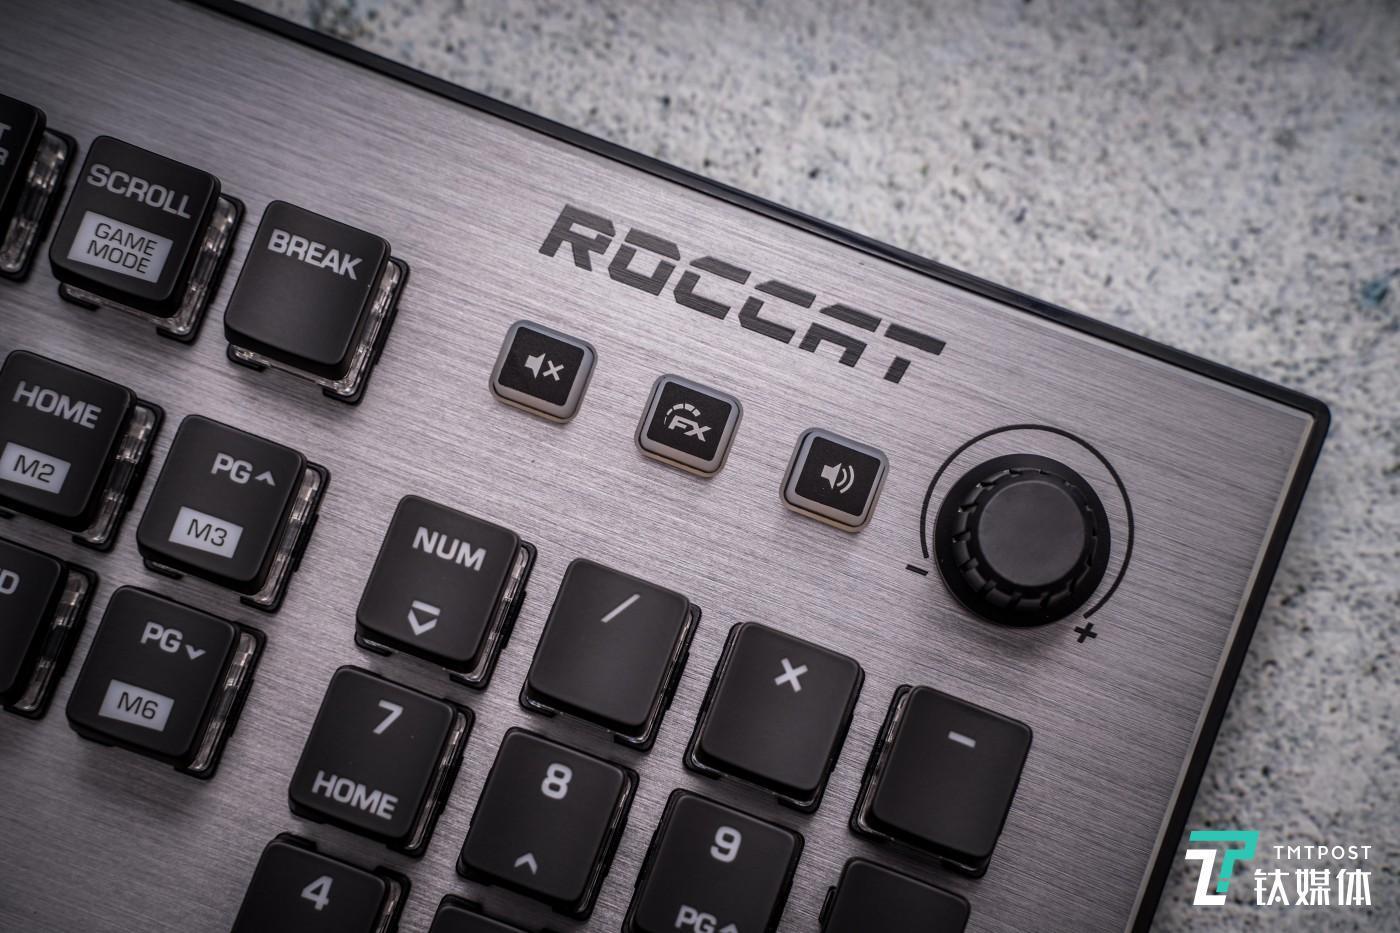 冰豹以前键盘右上角的旋钮得到了保留